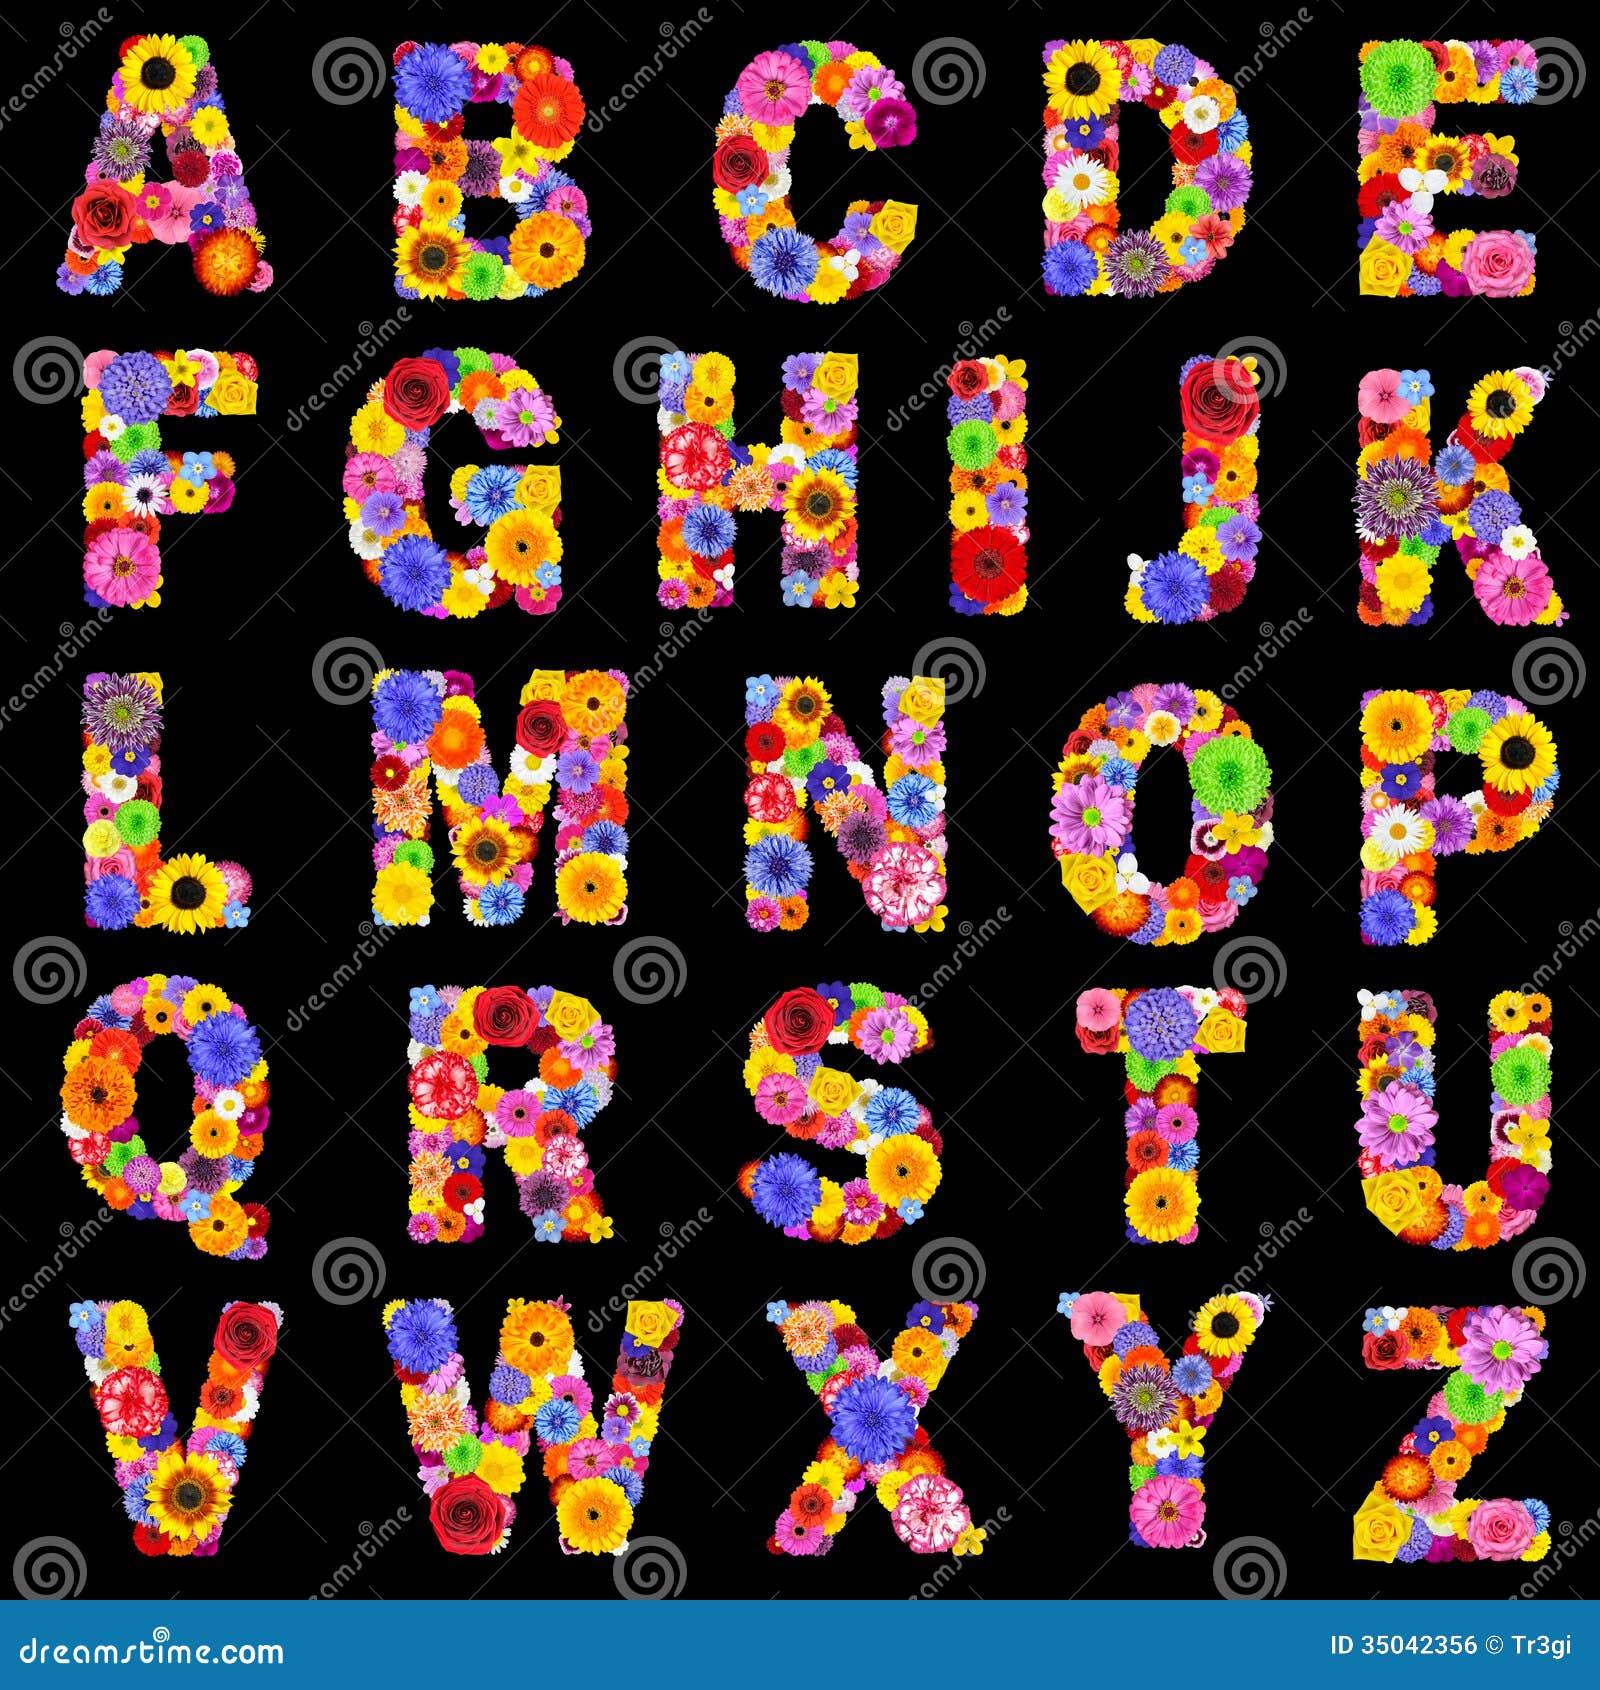 L 39 alphabet floral en entier a isol sur les lettres noires - Lettres alphabet originales ...